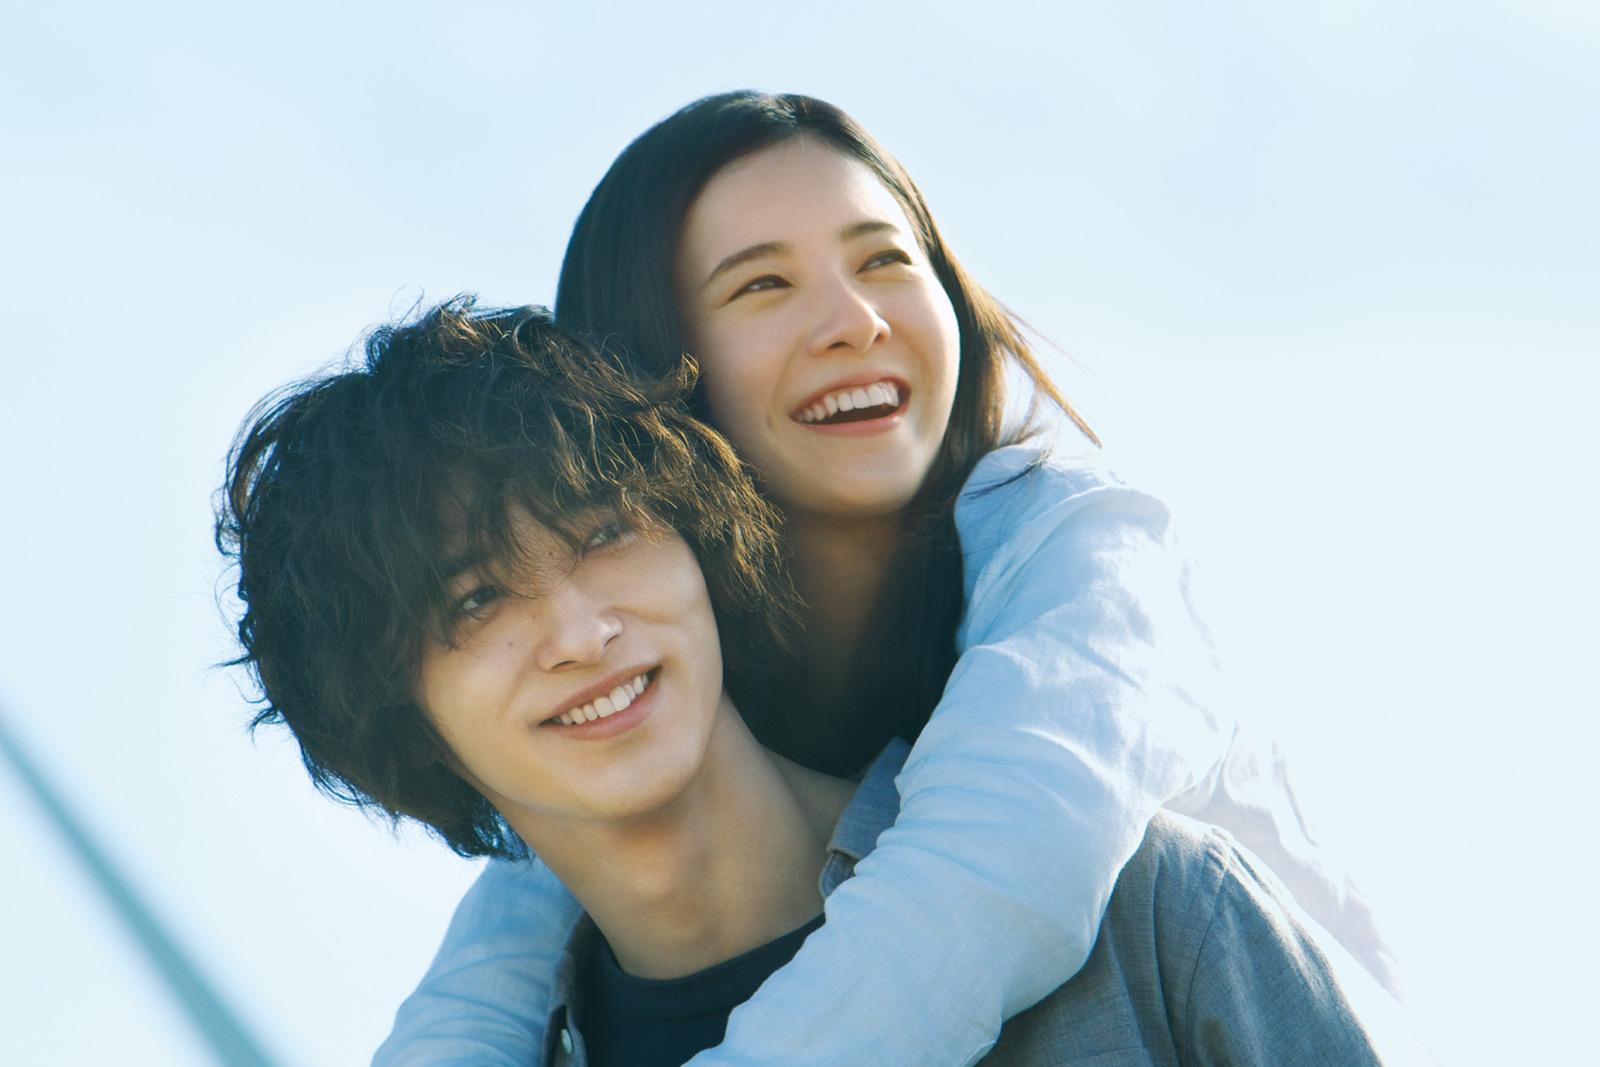 """映画『きみの瞳が問いかけている』表情と声の圧倒的な演技で新たなる一面を魅せた """"役者""""横浜流星の魅力とは?"""